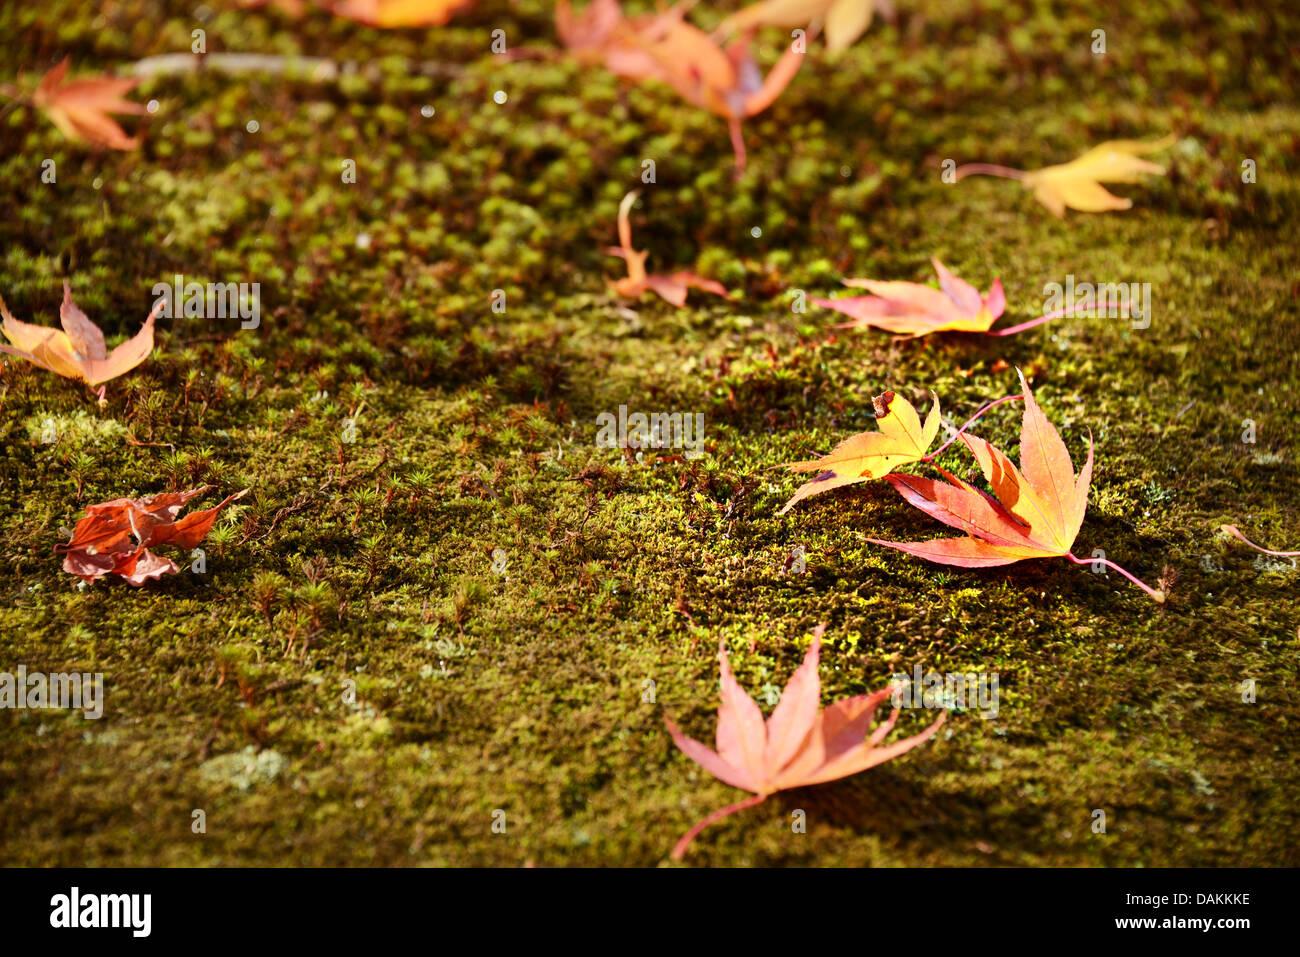 Hojas caer indicando el cambio estacional en Kyoto, Japón. Imagen De Stock